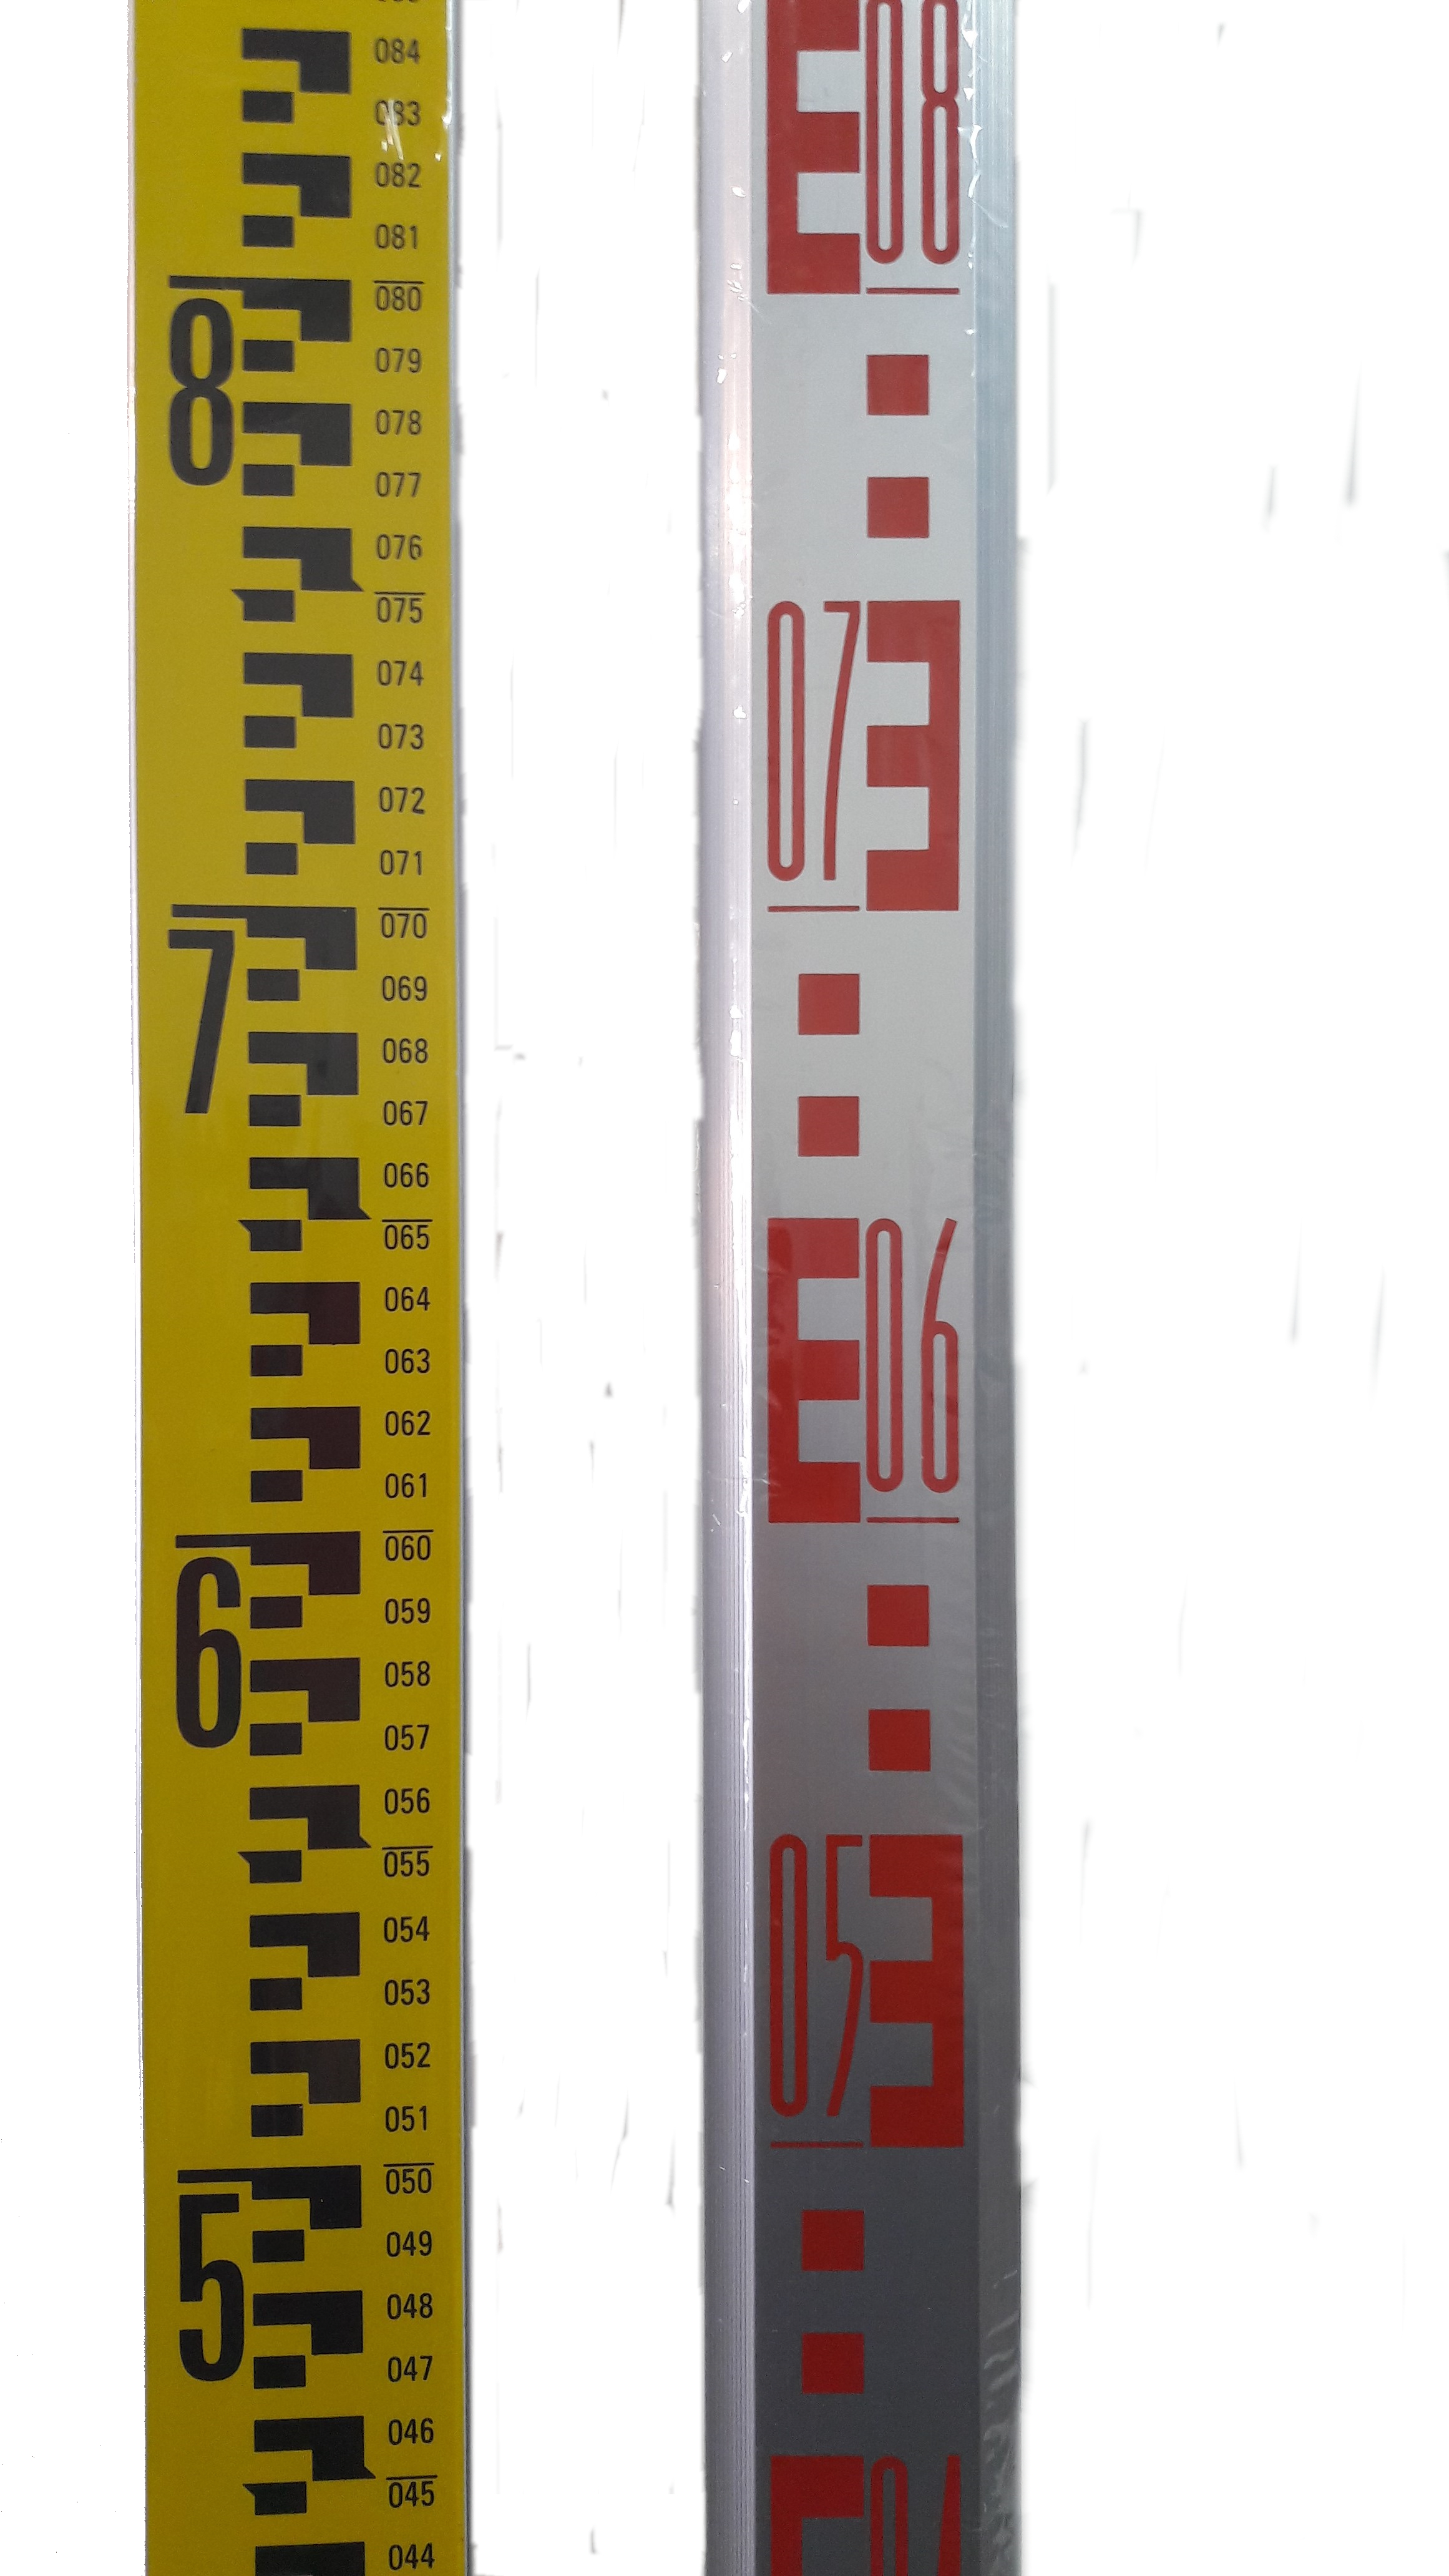 漢訊科技 南台測繪儀器 專業測量儀器 紅外線墨線雷射水平儀廠 光波 放樣 箱尺 塔尺 天尺 圓扣尺 方扣尺